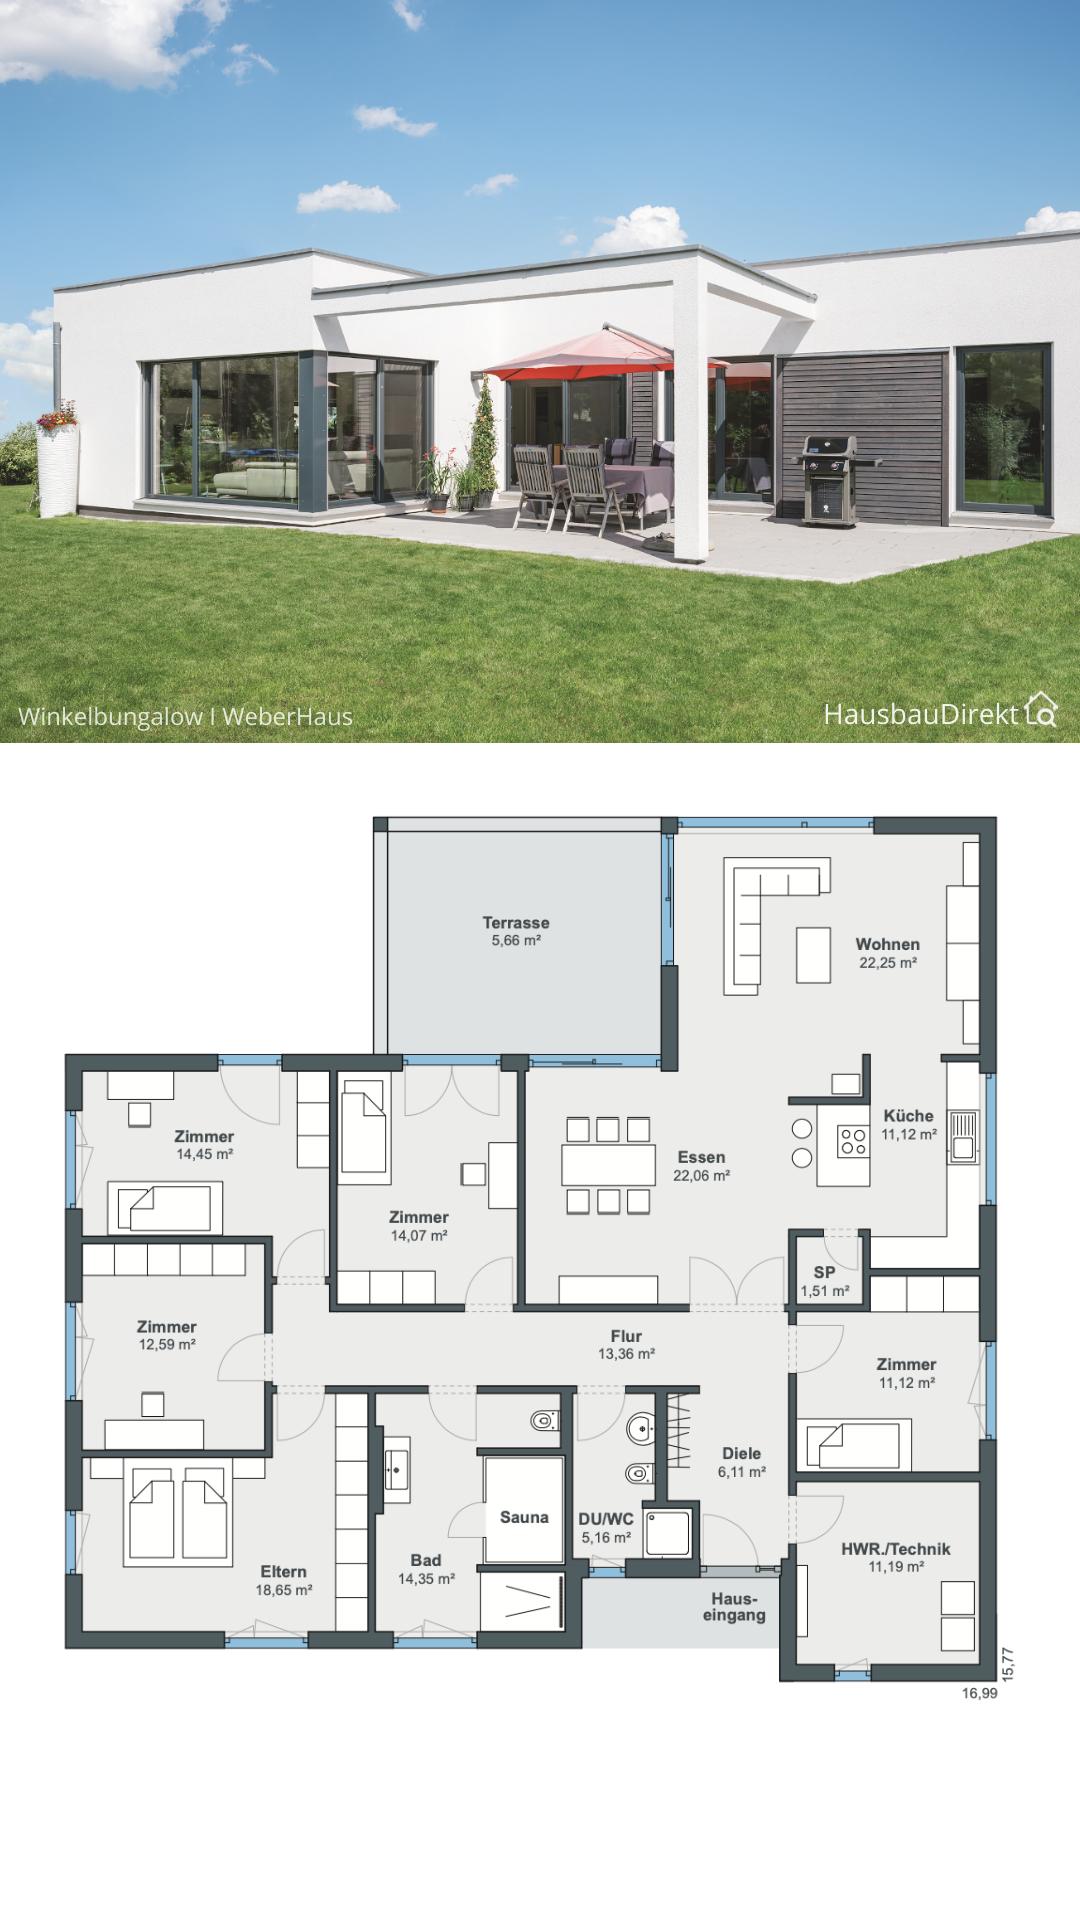 Winkelbungalow modern mit Flachdach im Bauhausstil bauen, Bungalow Haus Grundriss 180 qm gross